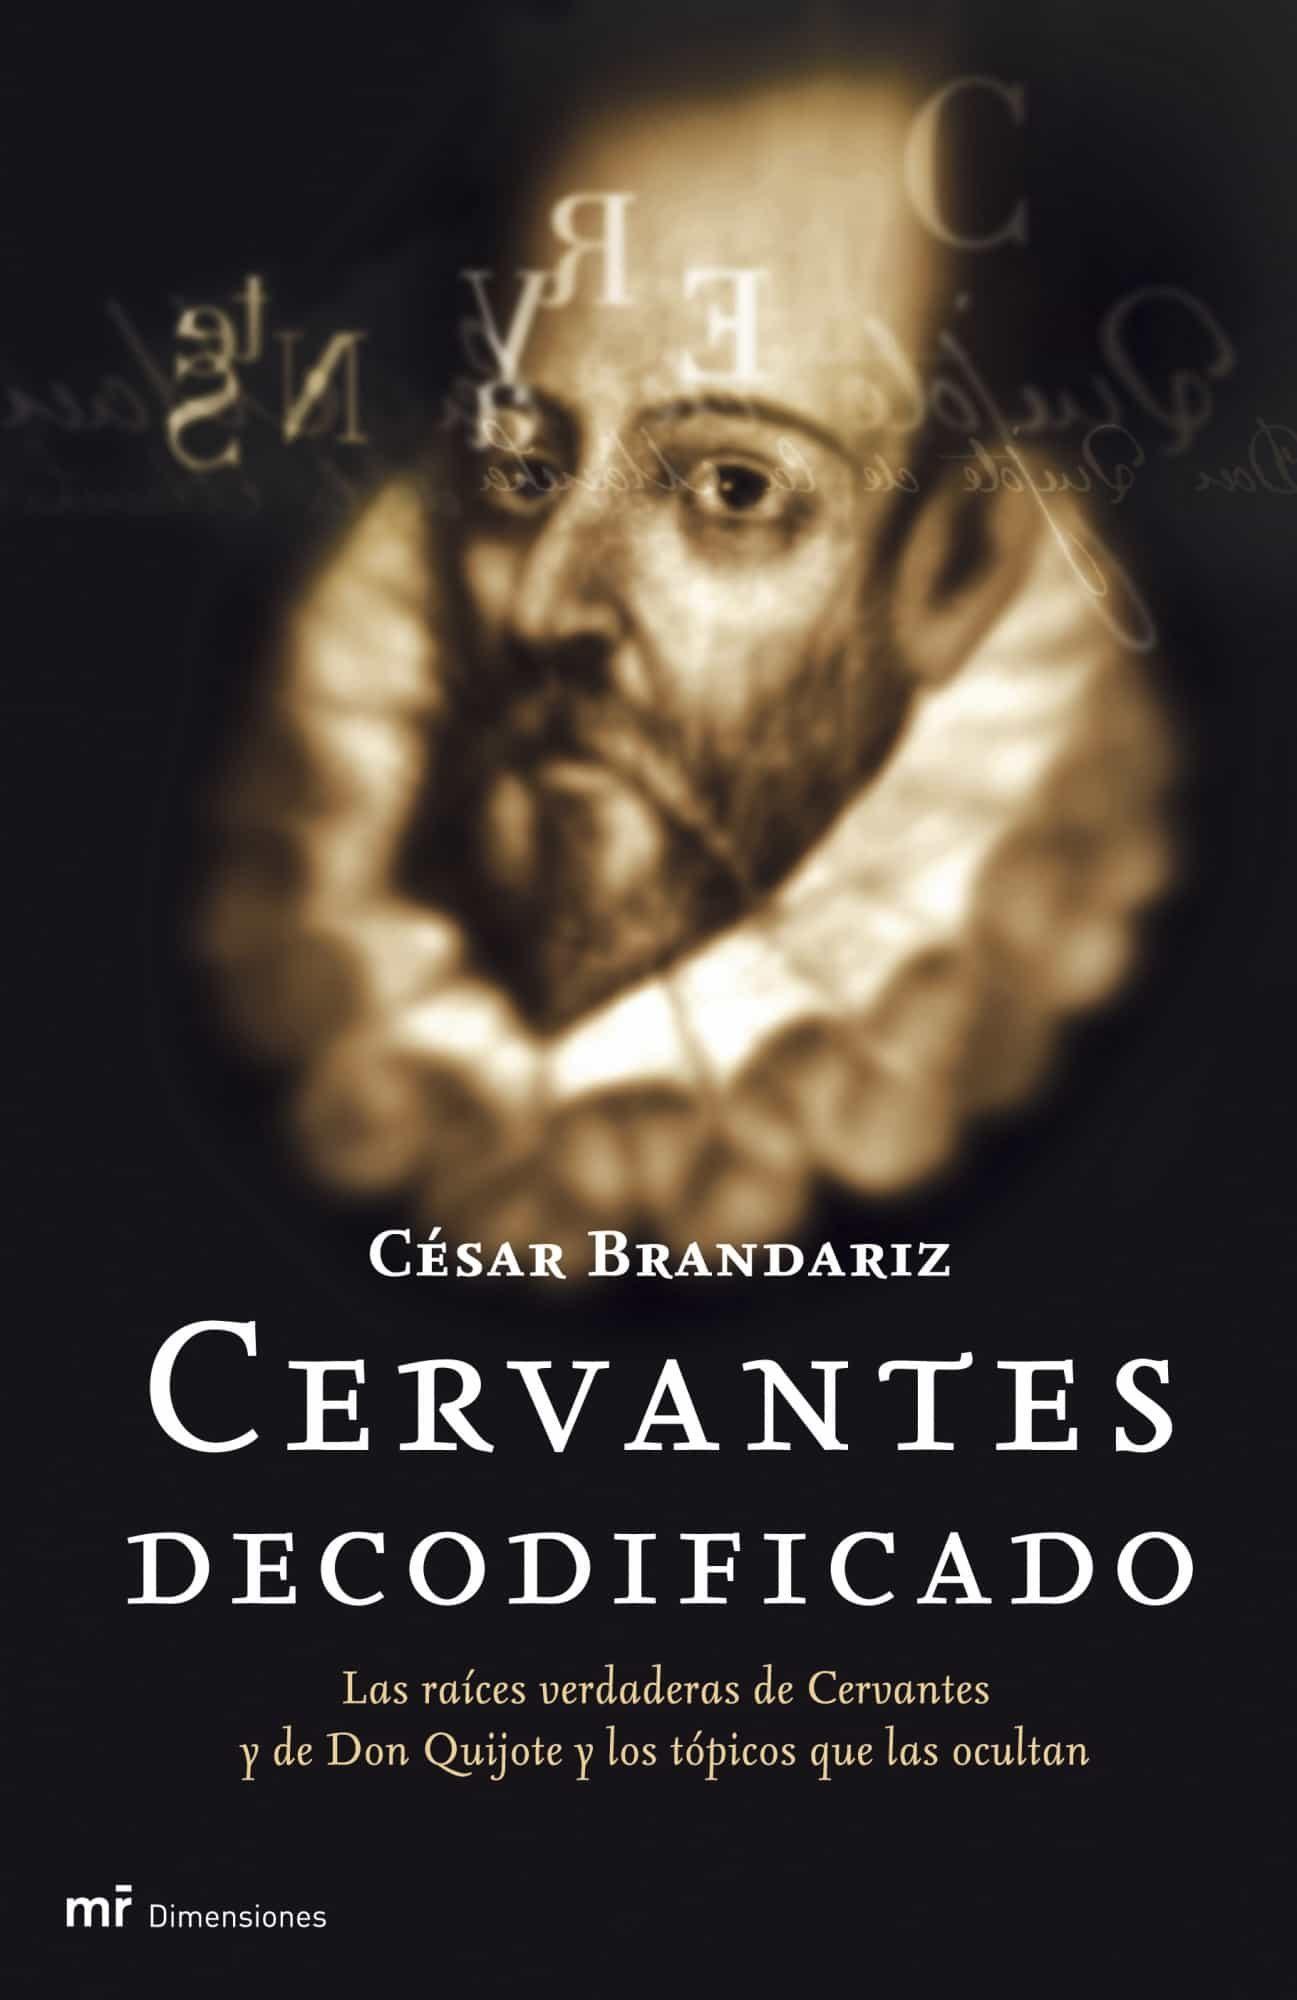 Cervantes Decodificado: Las Raices Verdaderas De Cervantes Y De D On Quijote Y Los Topicos Que Las Ocultan por Cesar Brandariz